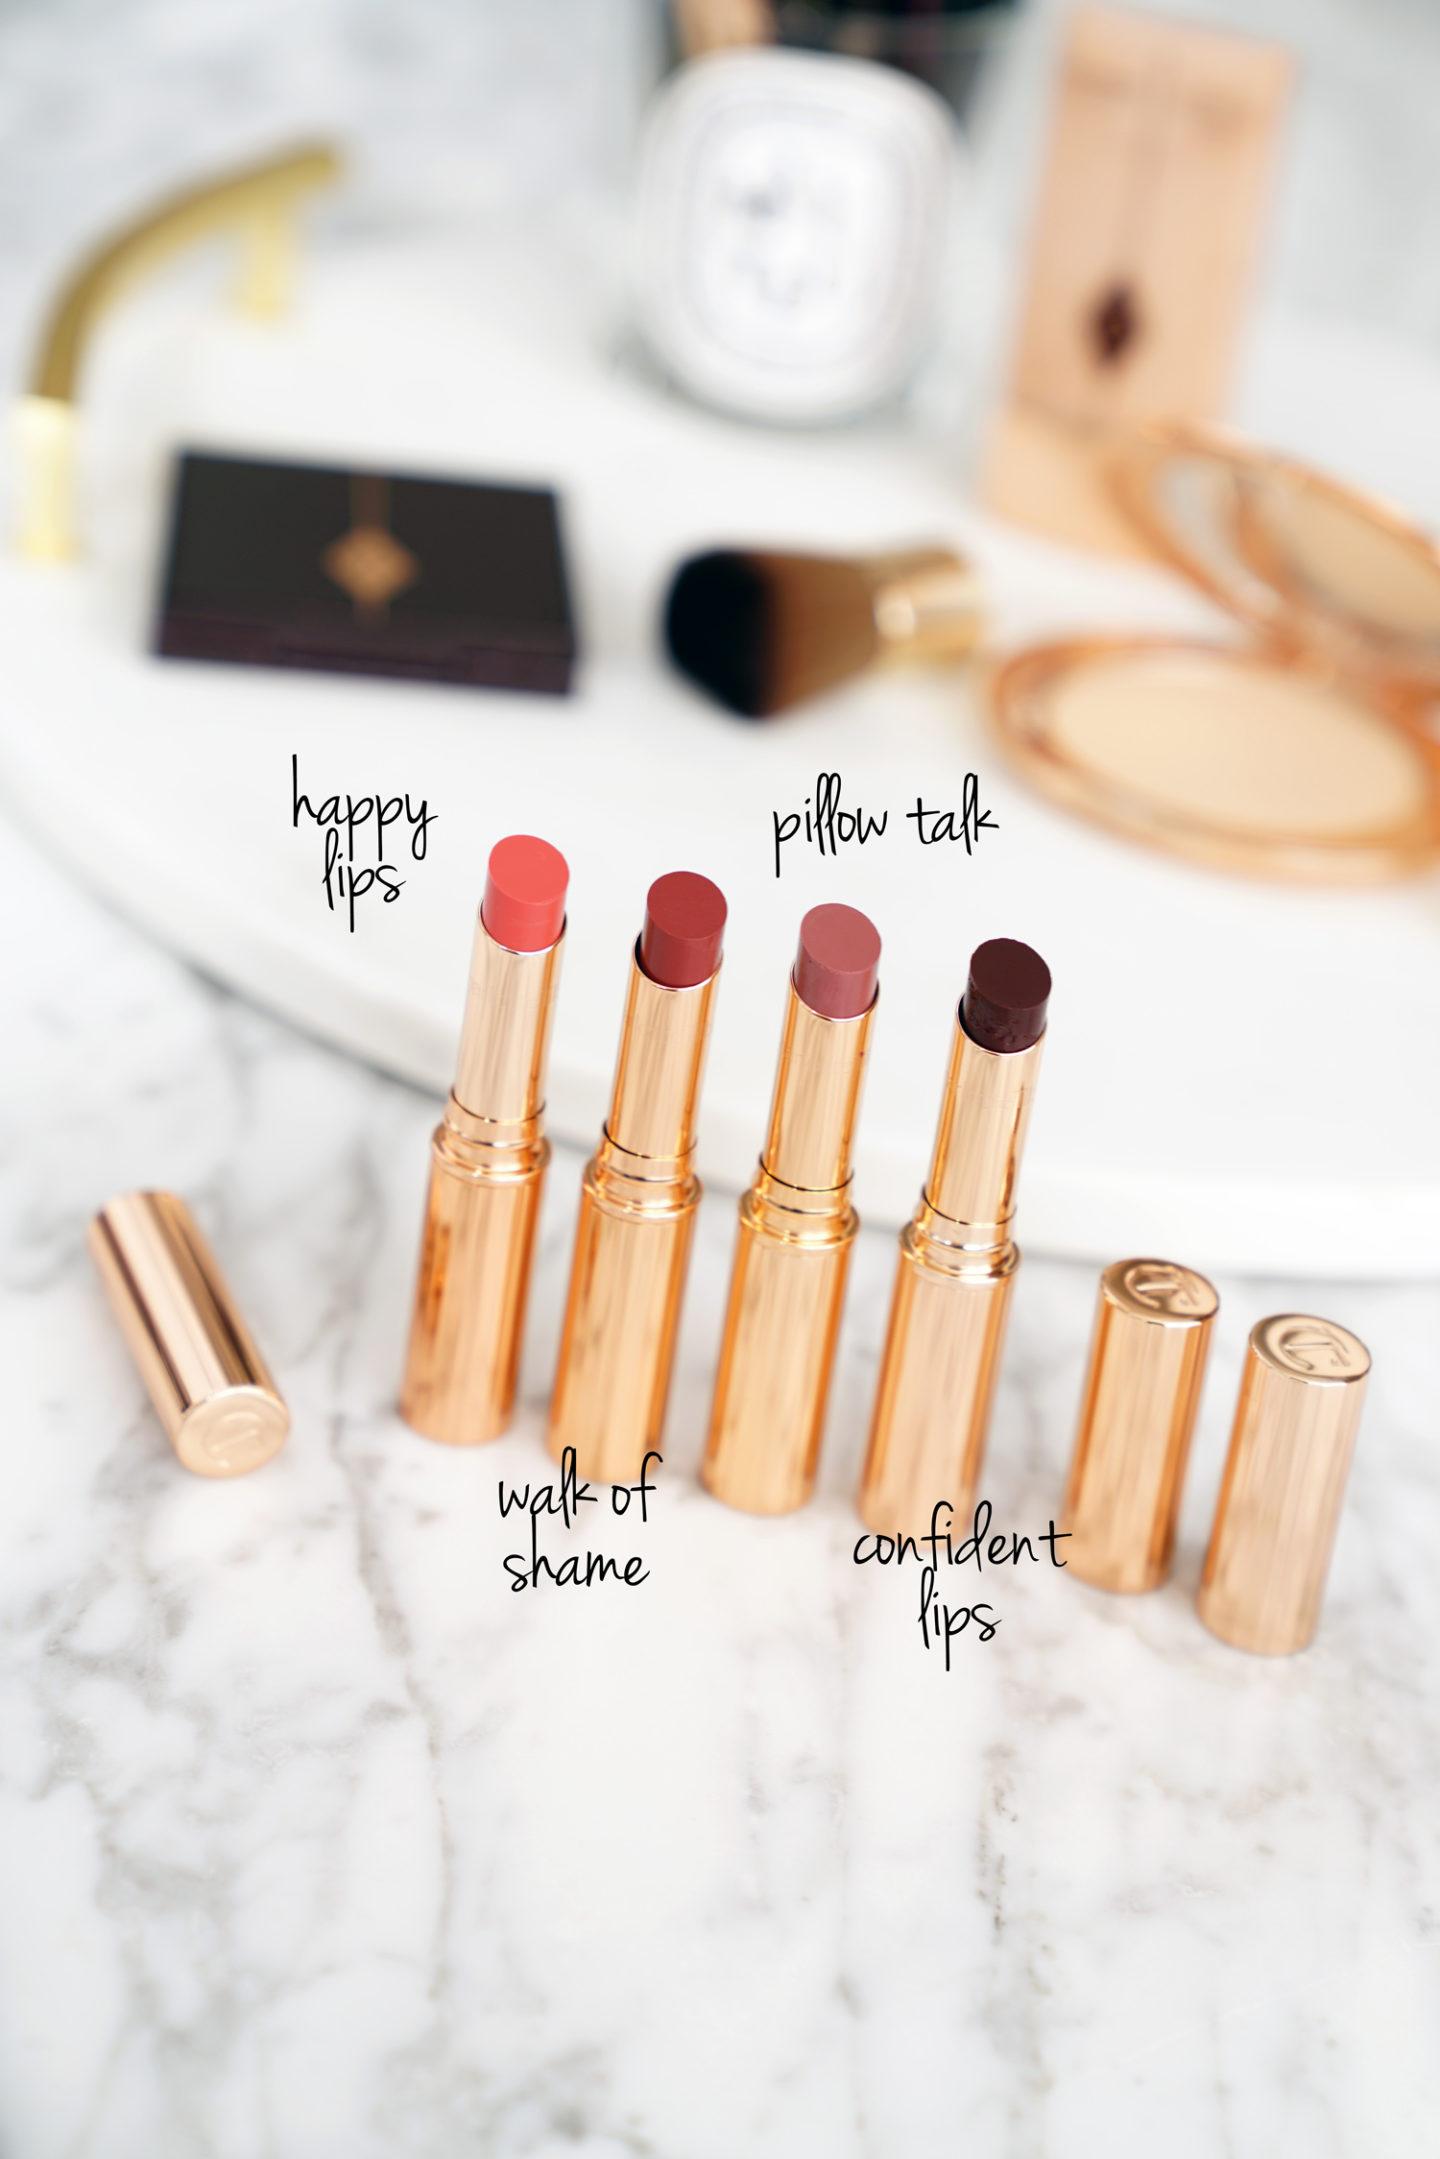 Charlotte Tilbury Superstar Lips lèvres heureuses, promenade de la honte, conversation de l'oreiller et lèvres confiant Avis